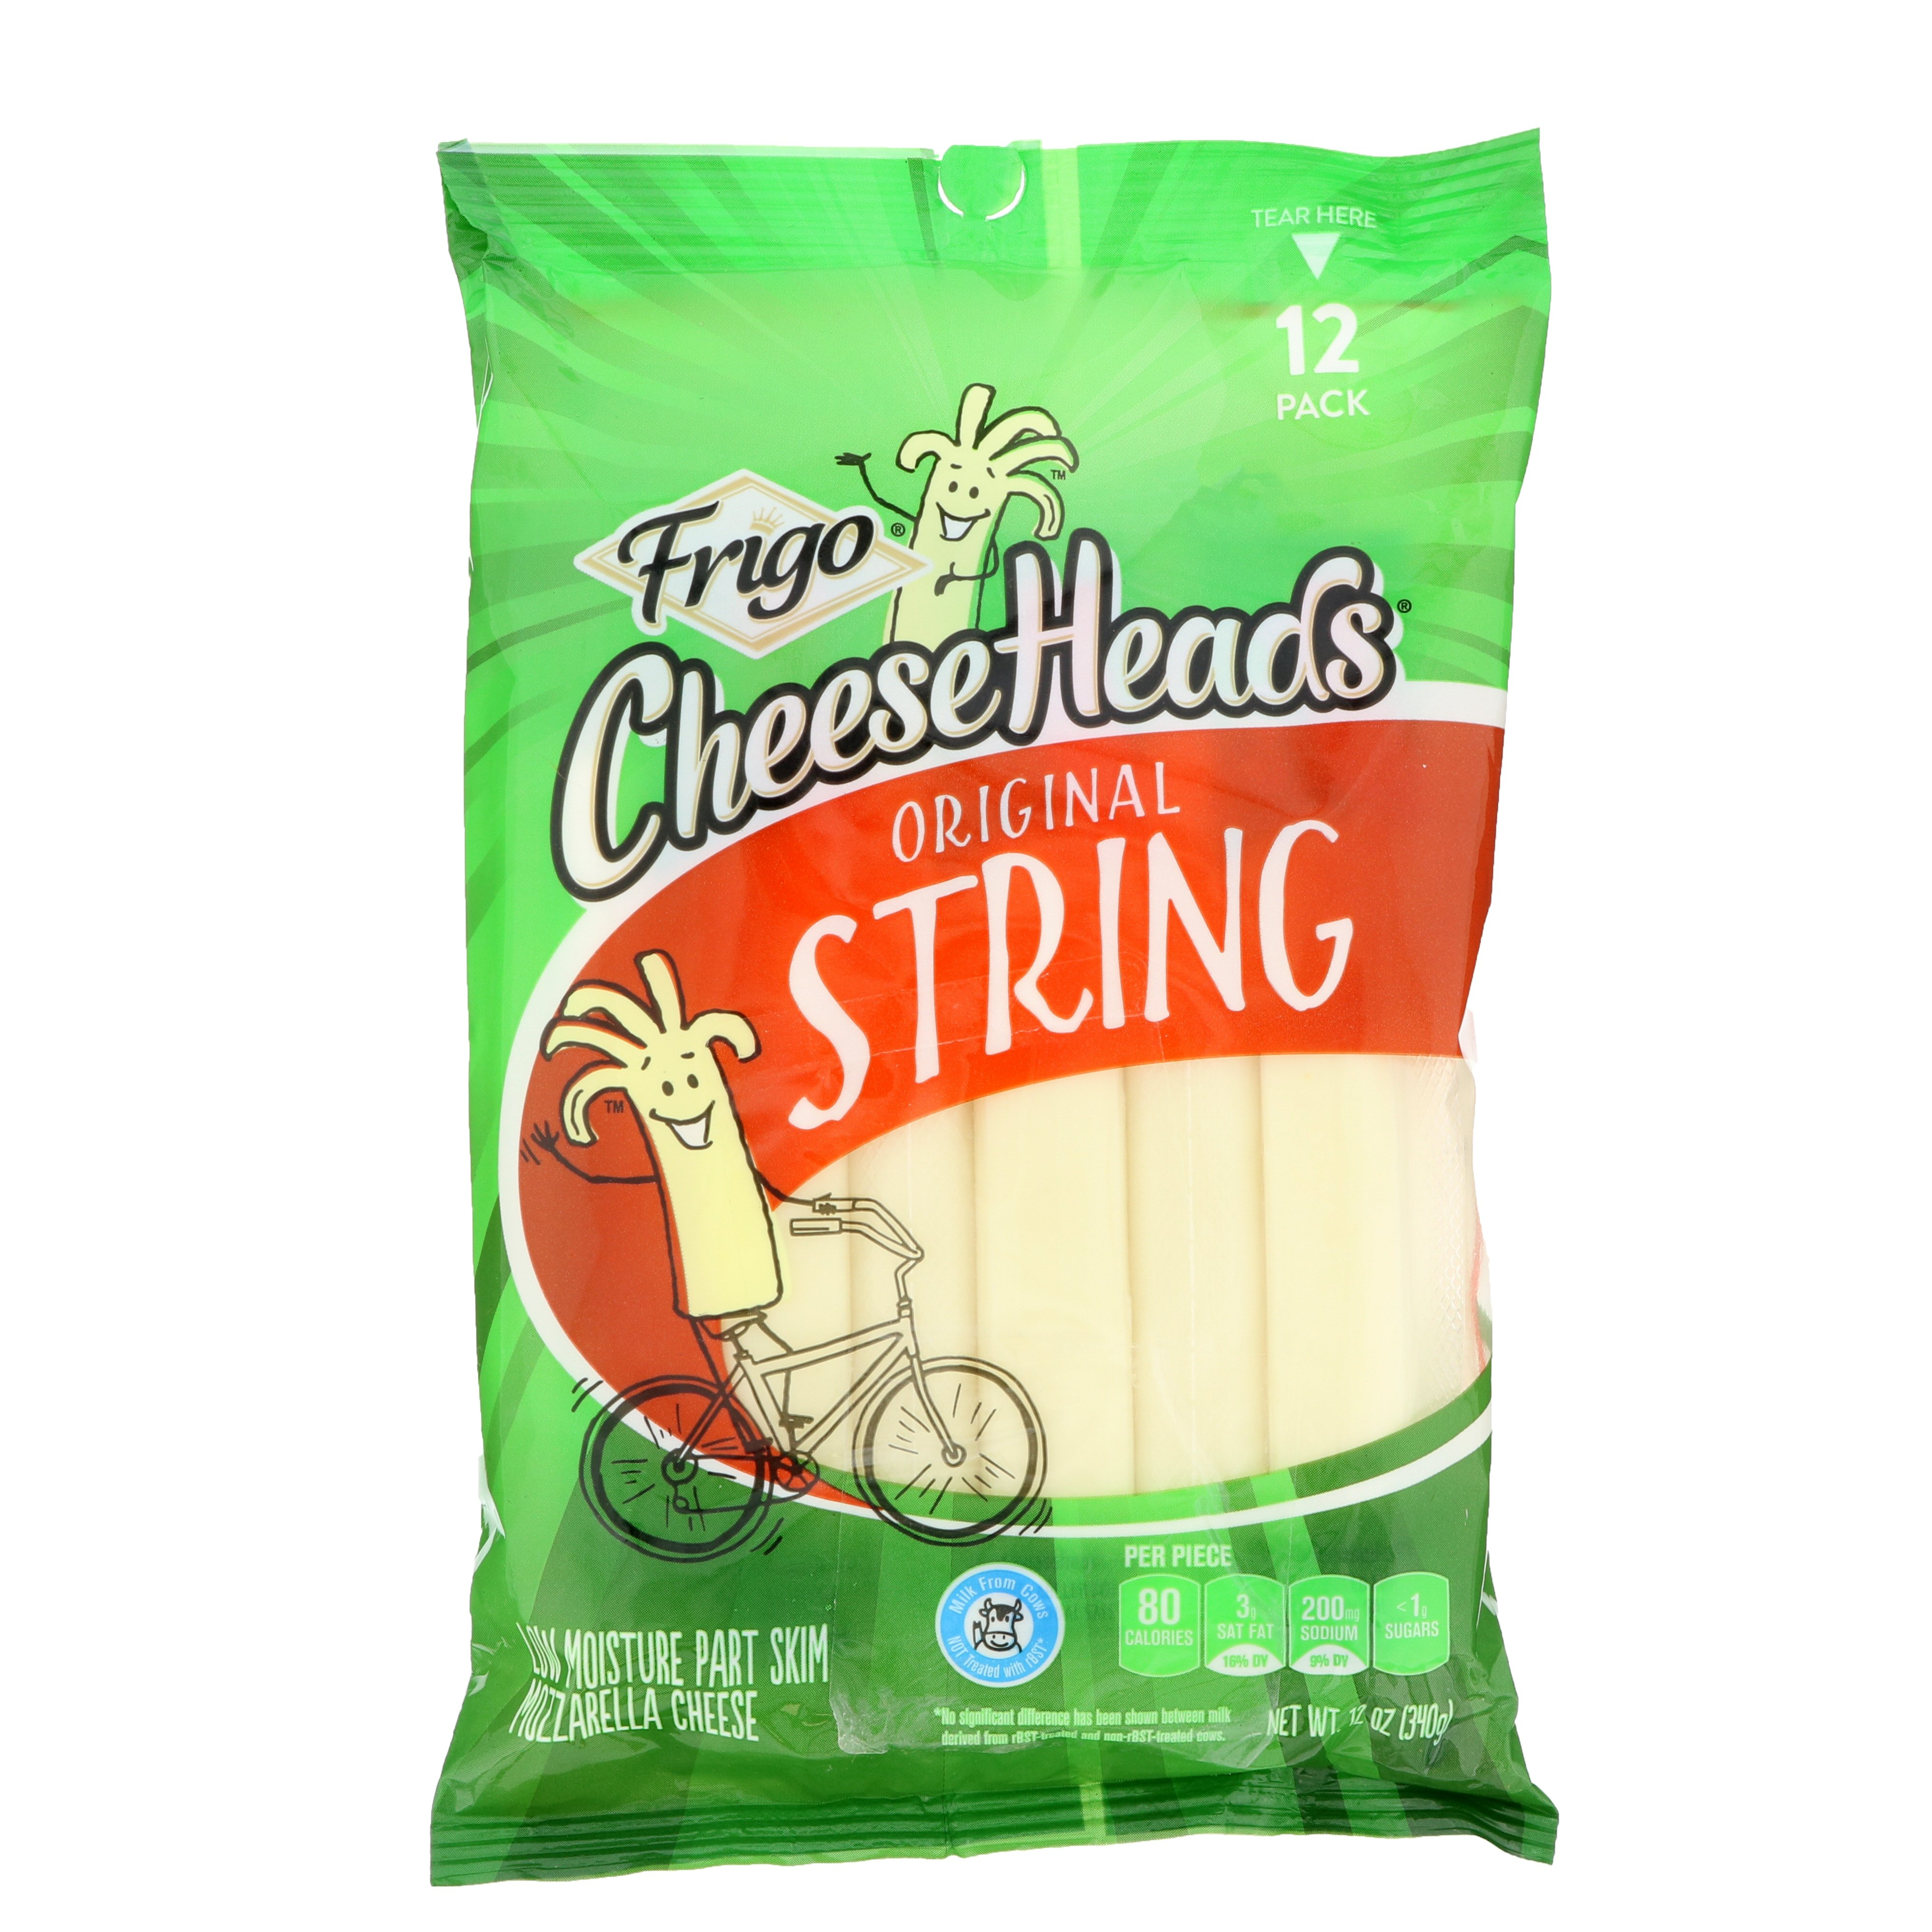 Frigo Mozzarella String Cheese Shop Cheese At H E B